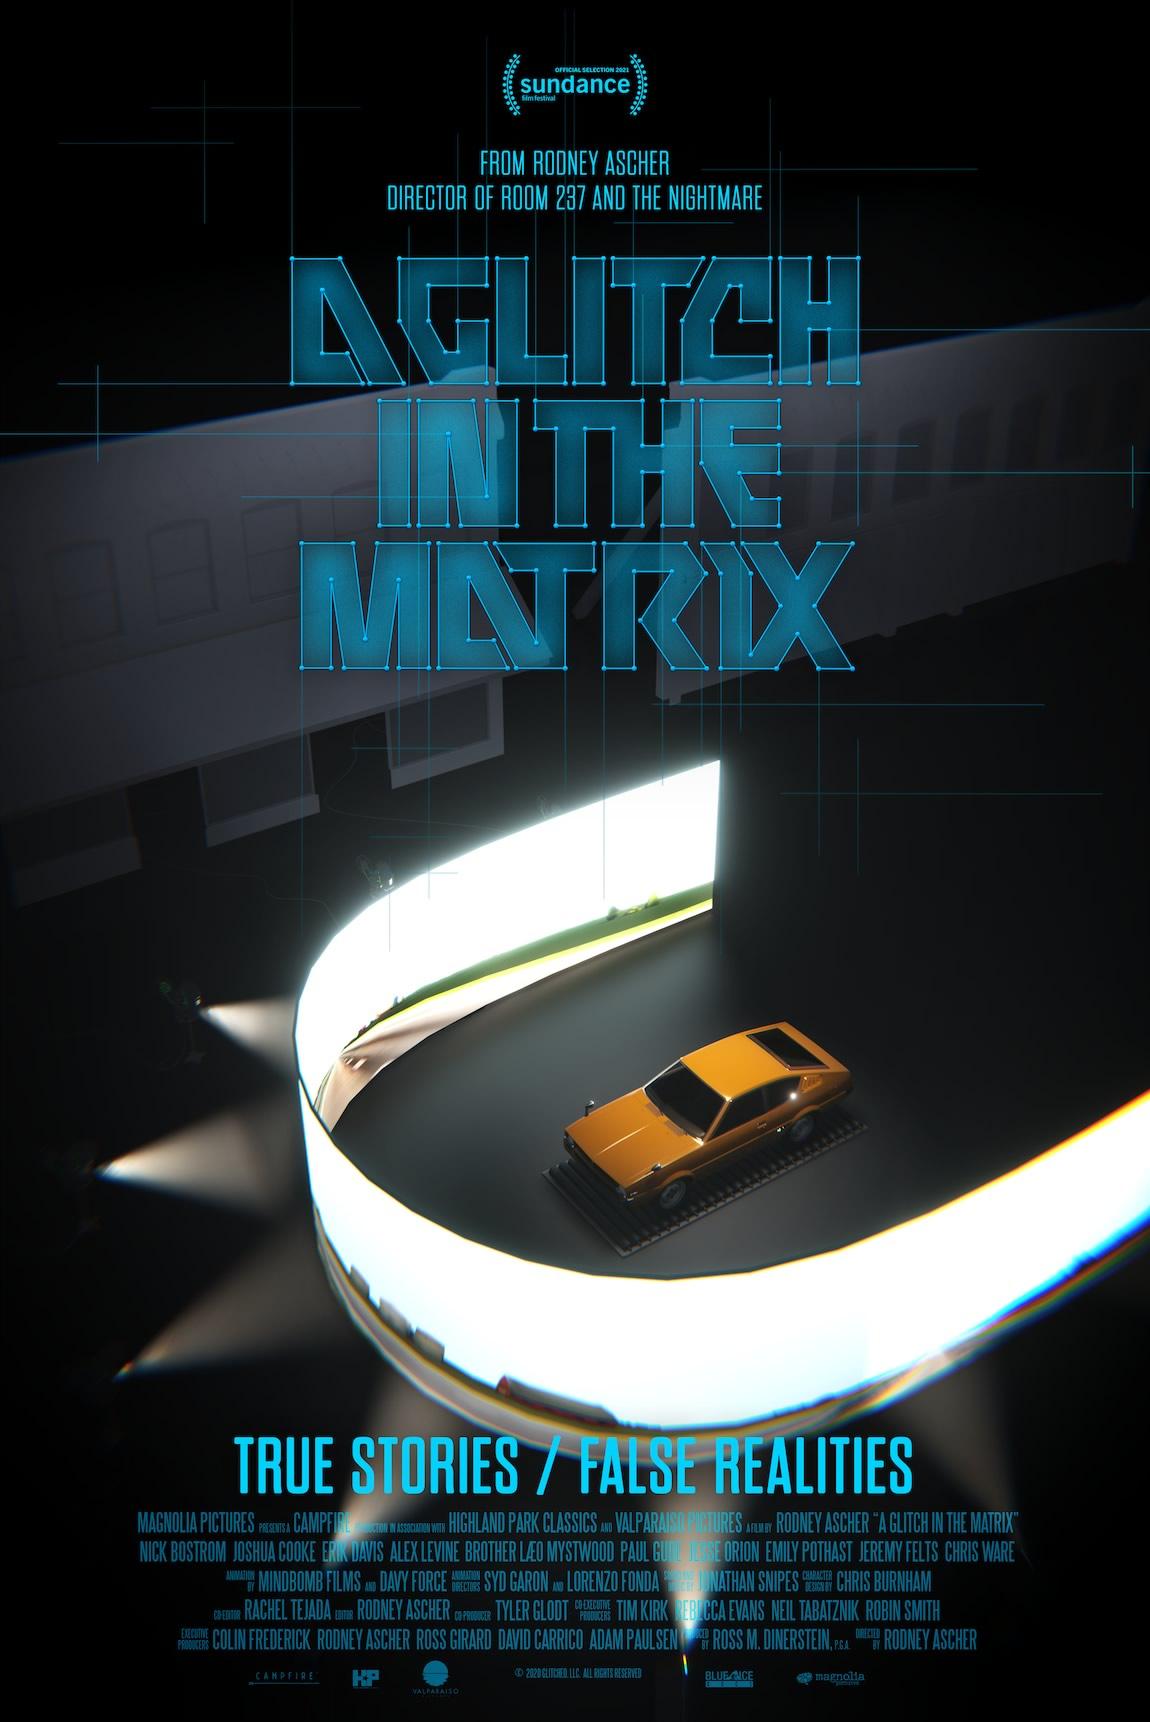 A GLITCH IN THE MATRIX   Documentário da Magnólia Pictures sobre estarmos vivendo em uma simulação